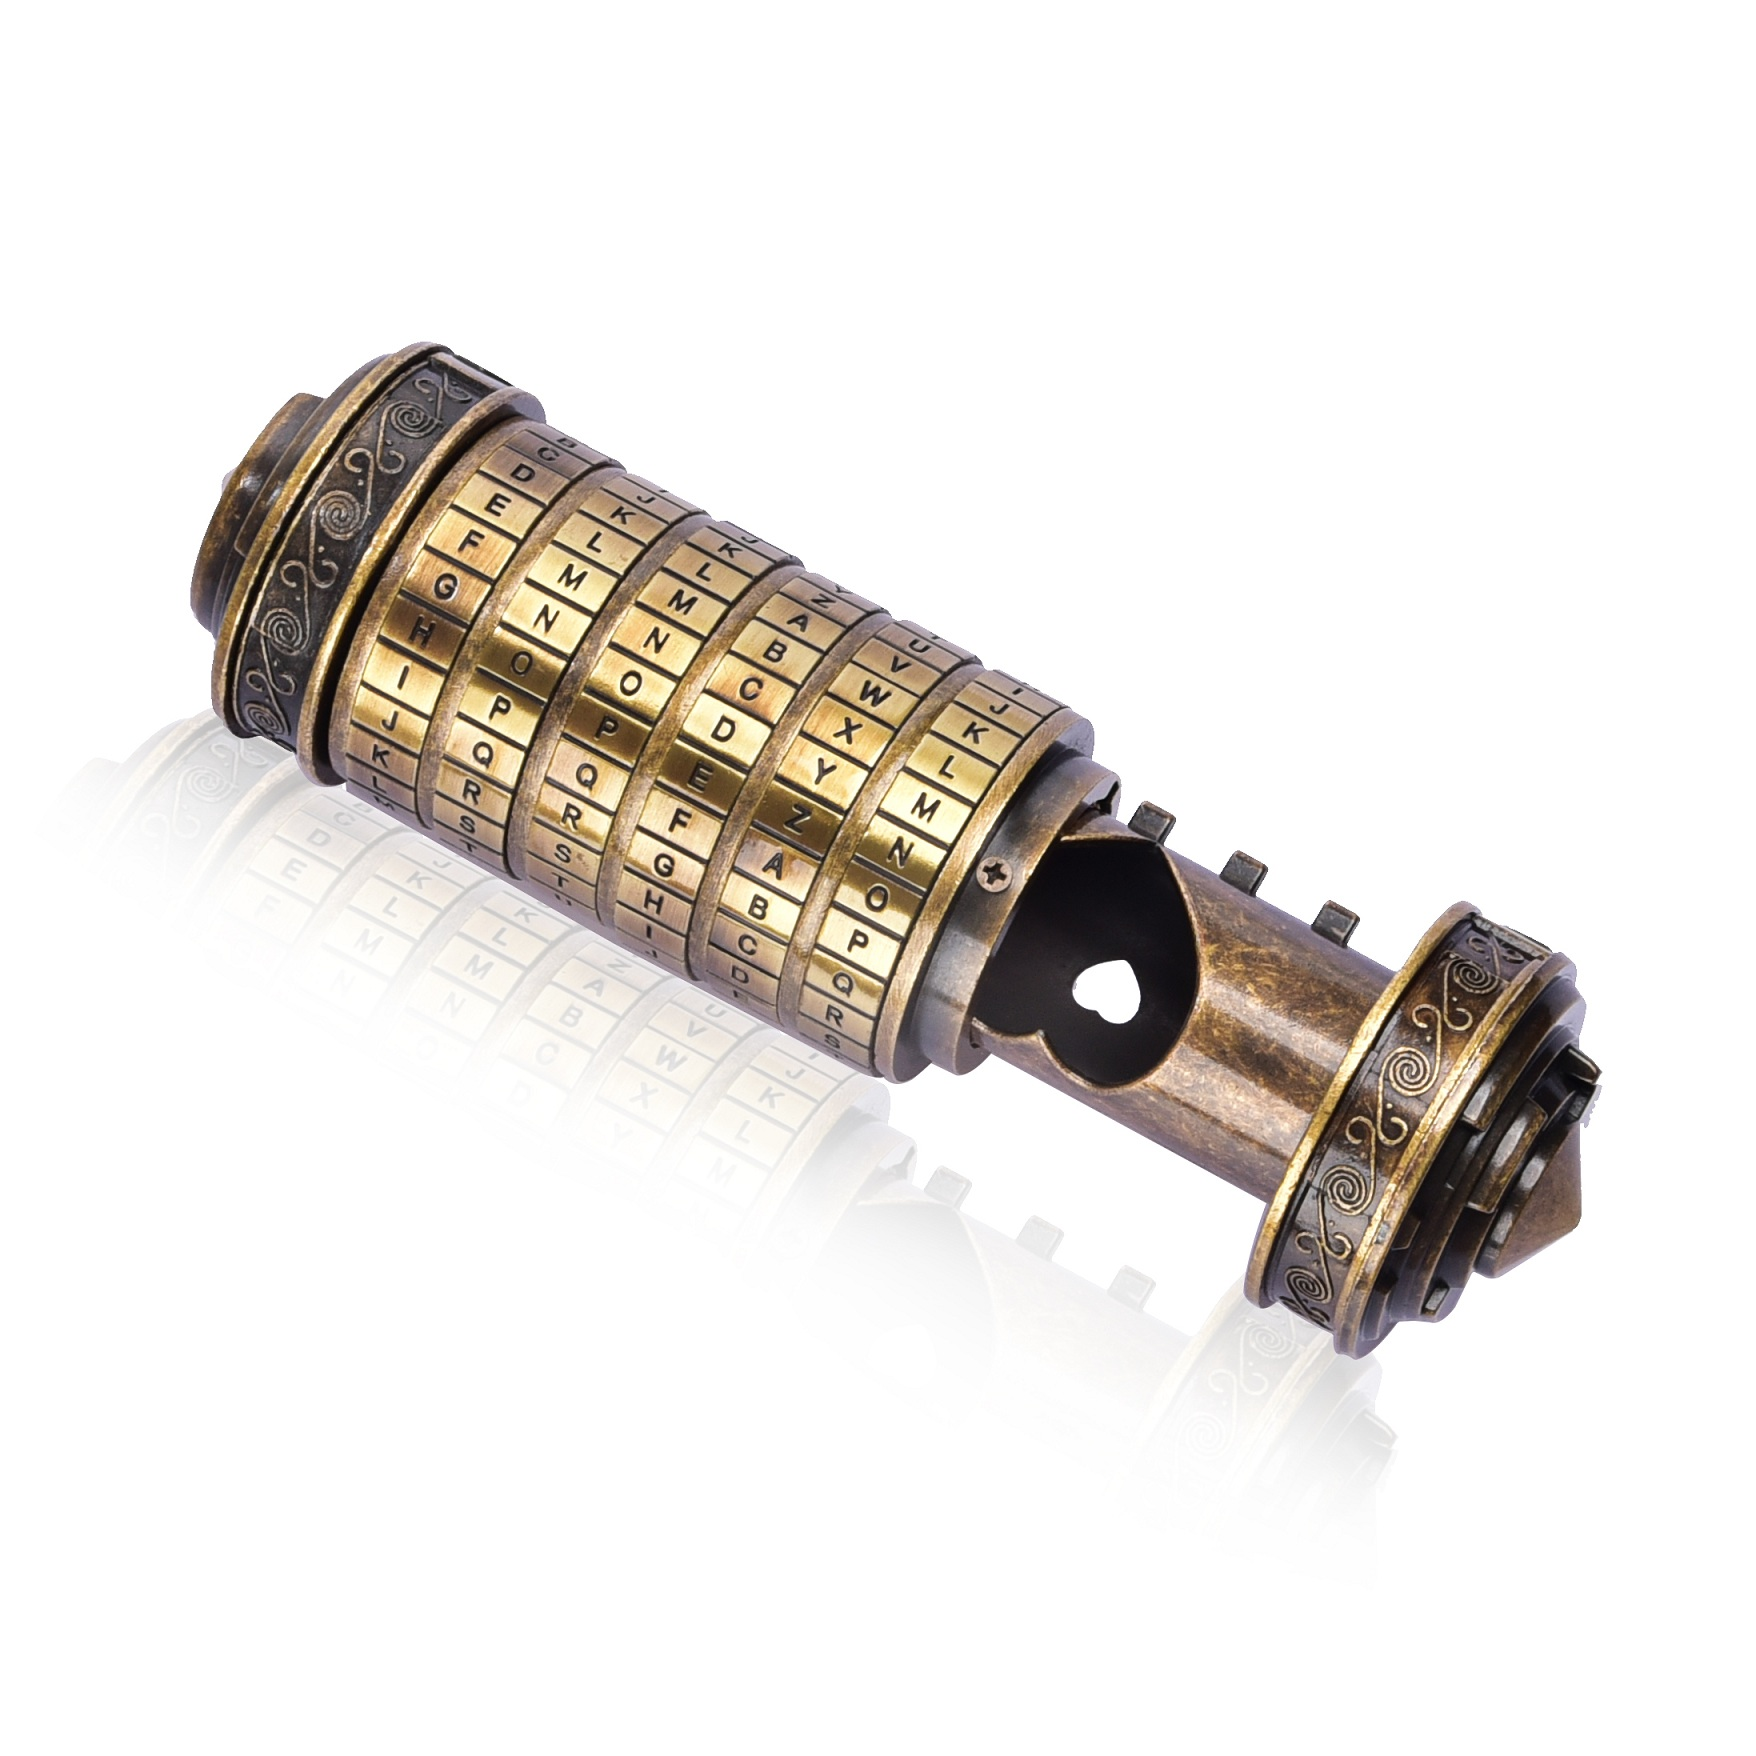 Mini Da Vinci Code jouets en métal Cryptex verrouille des cadeaux de mariage innovants cadeau saint valentin lettre mot de passe accessoires de chambre d'évasion - 3